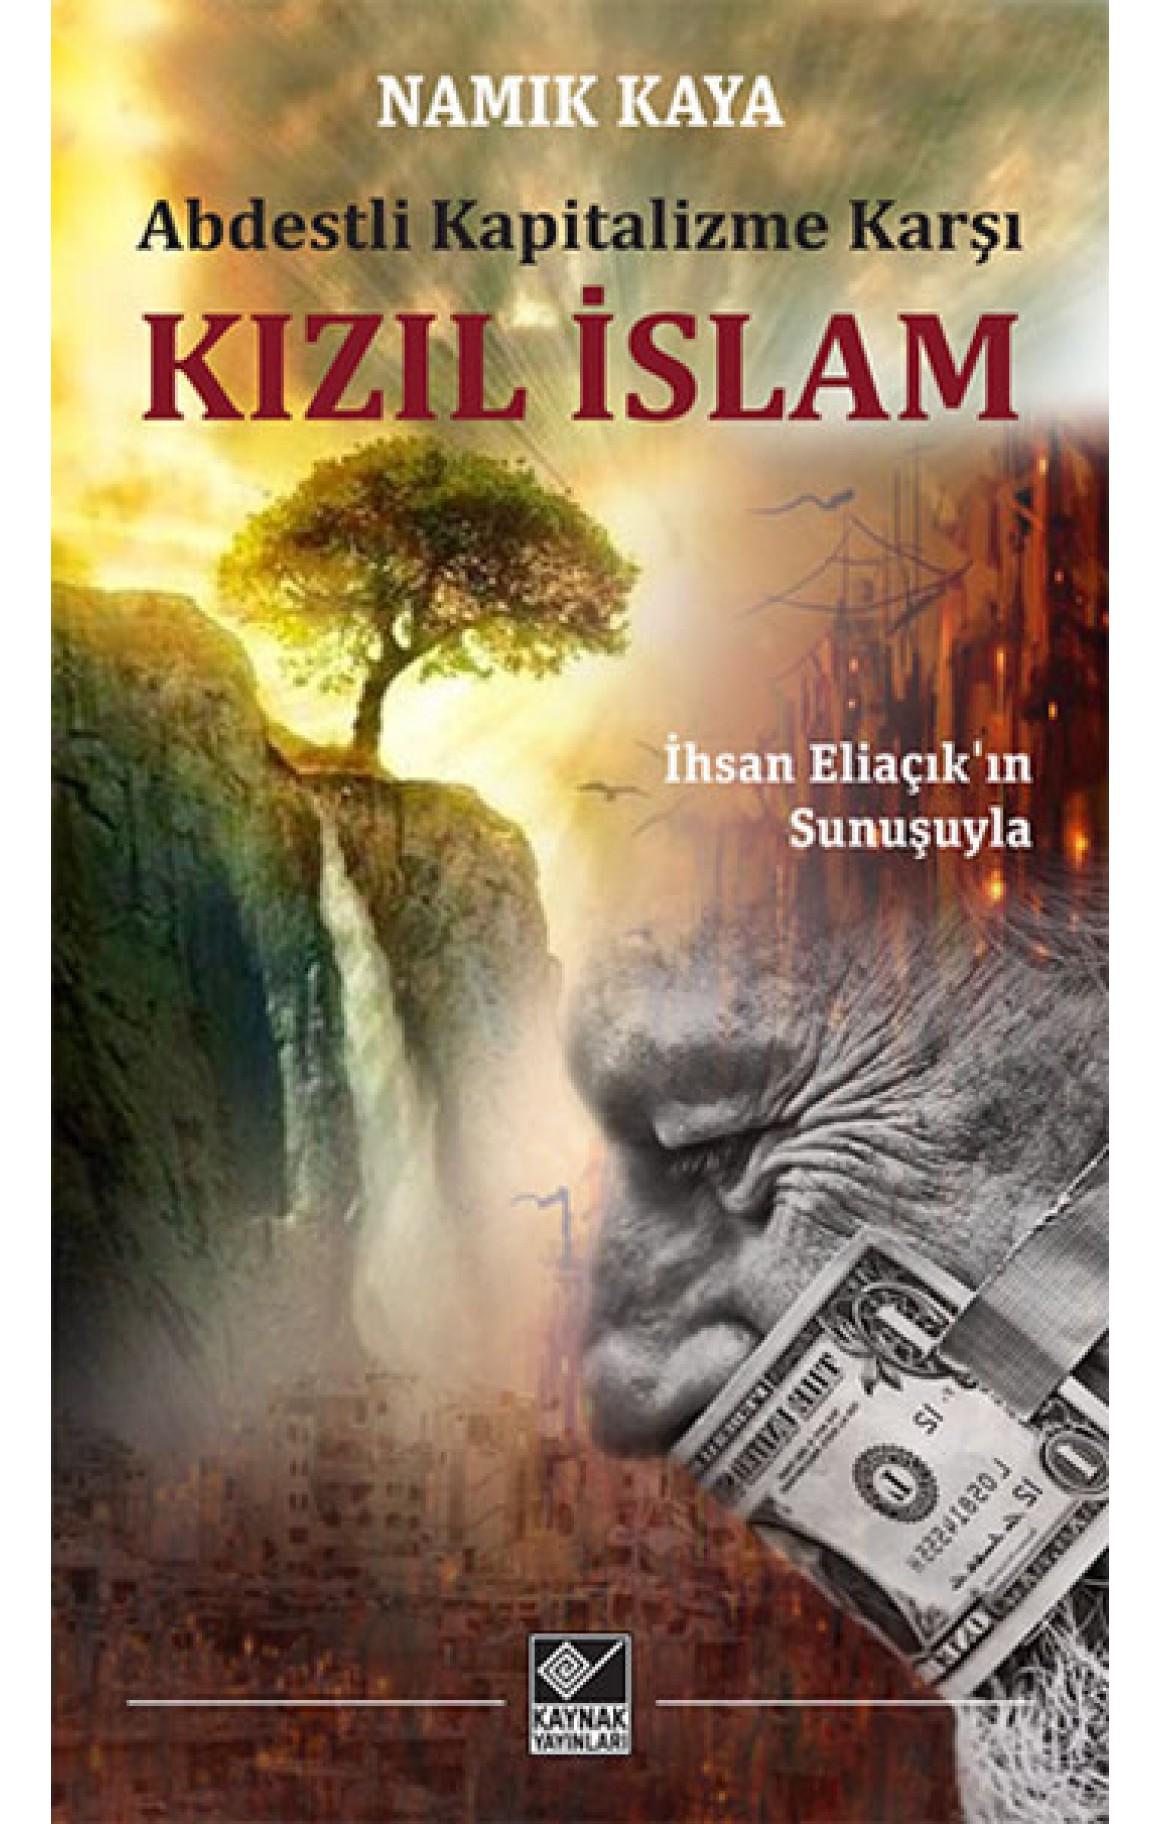 Abdestli Kapitalizme Karşı Kızıl İslam